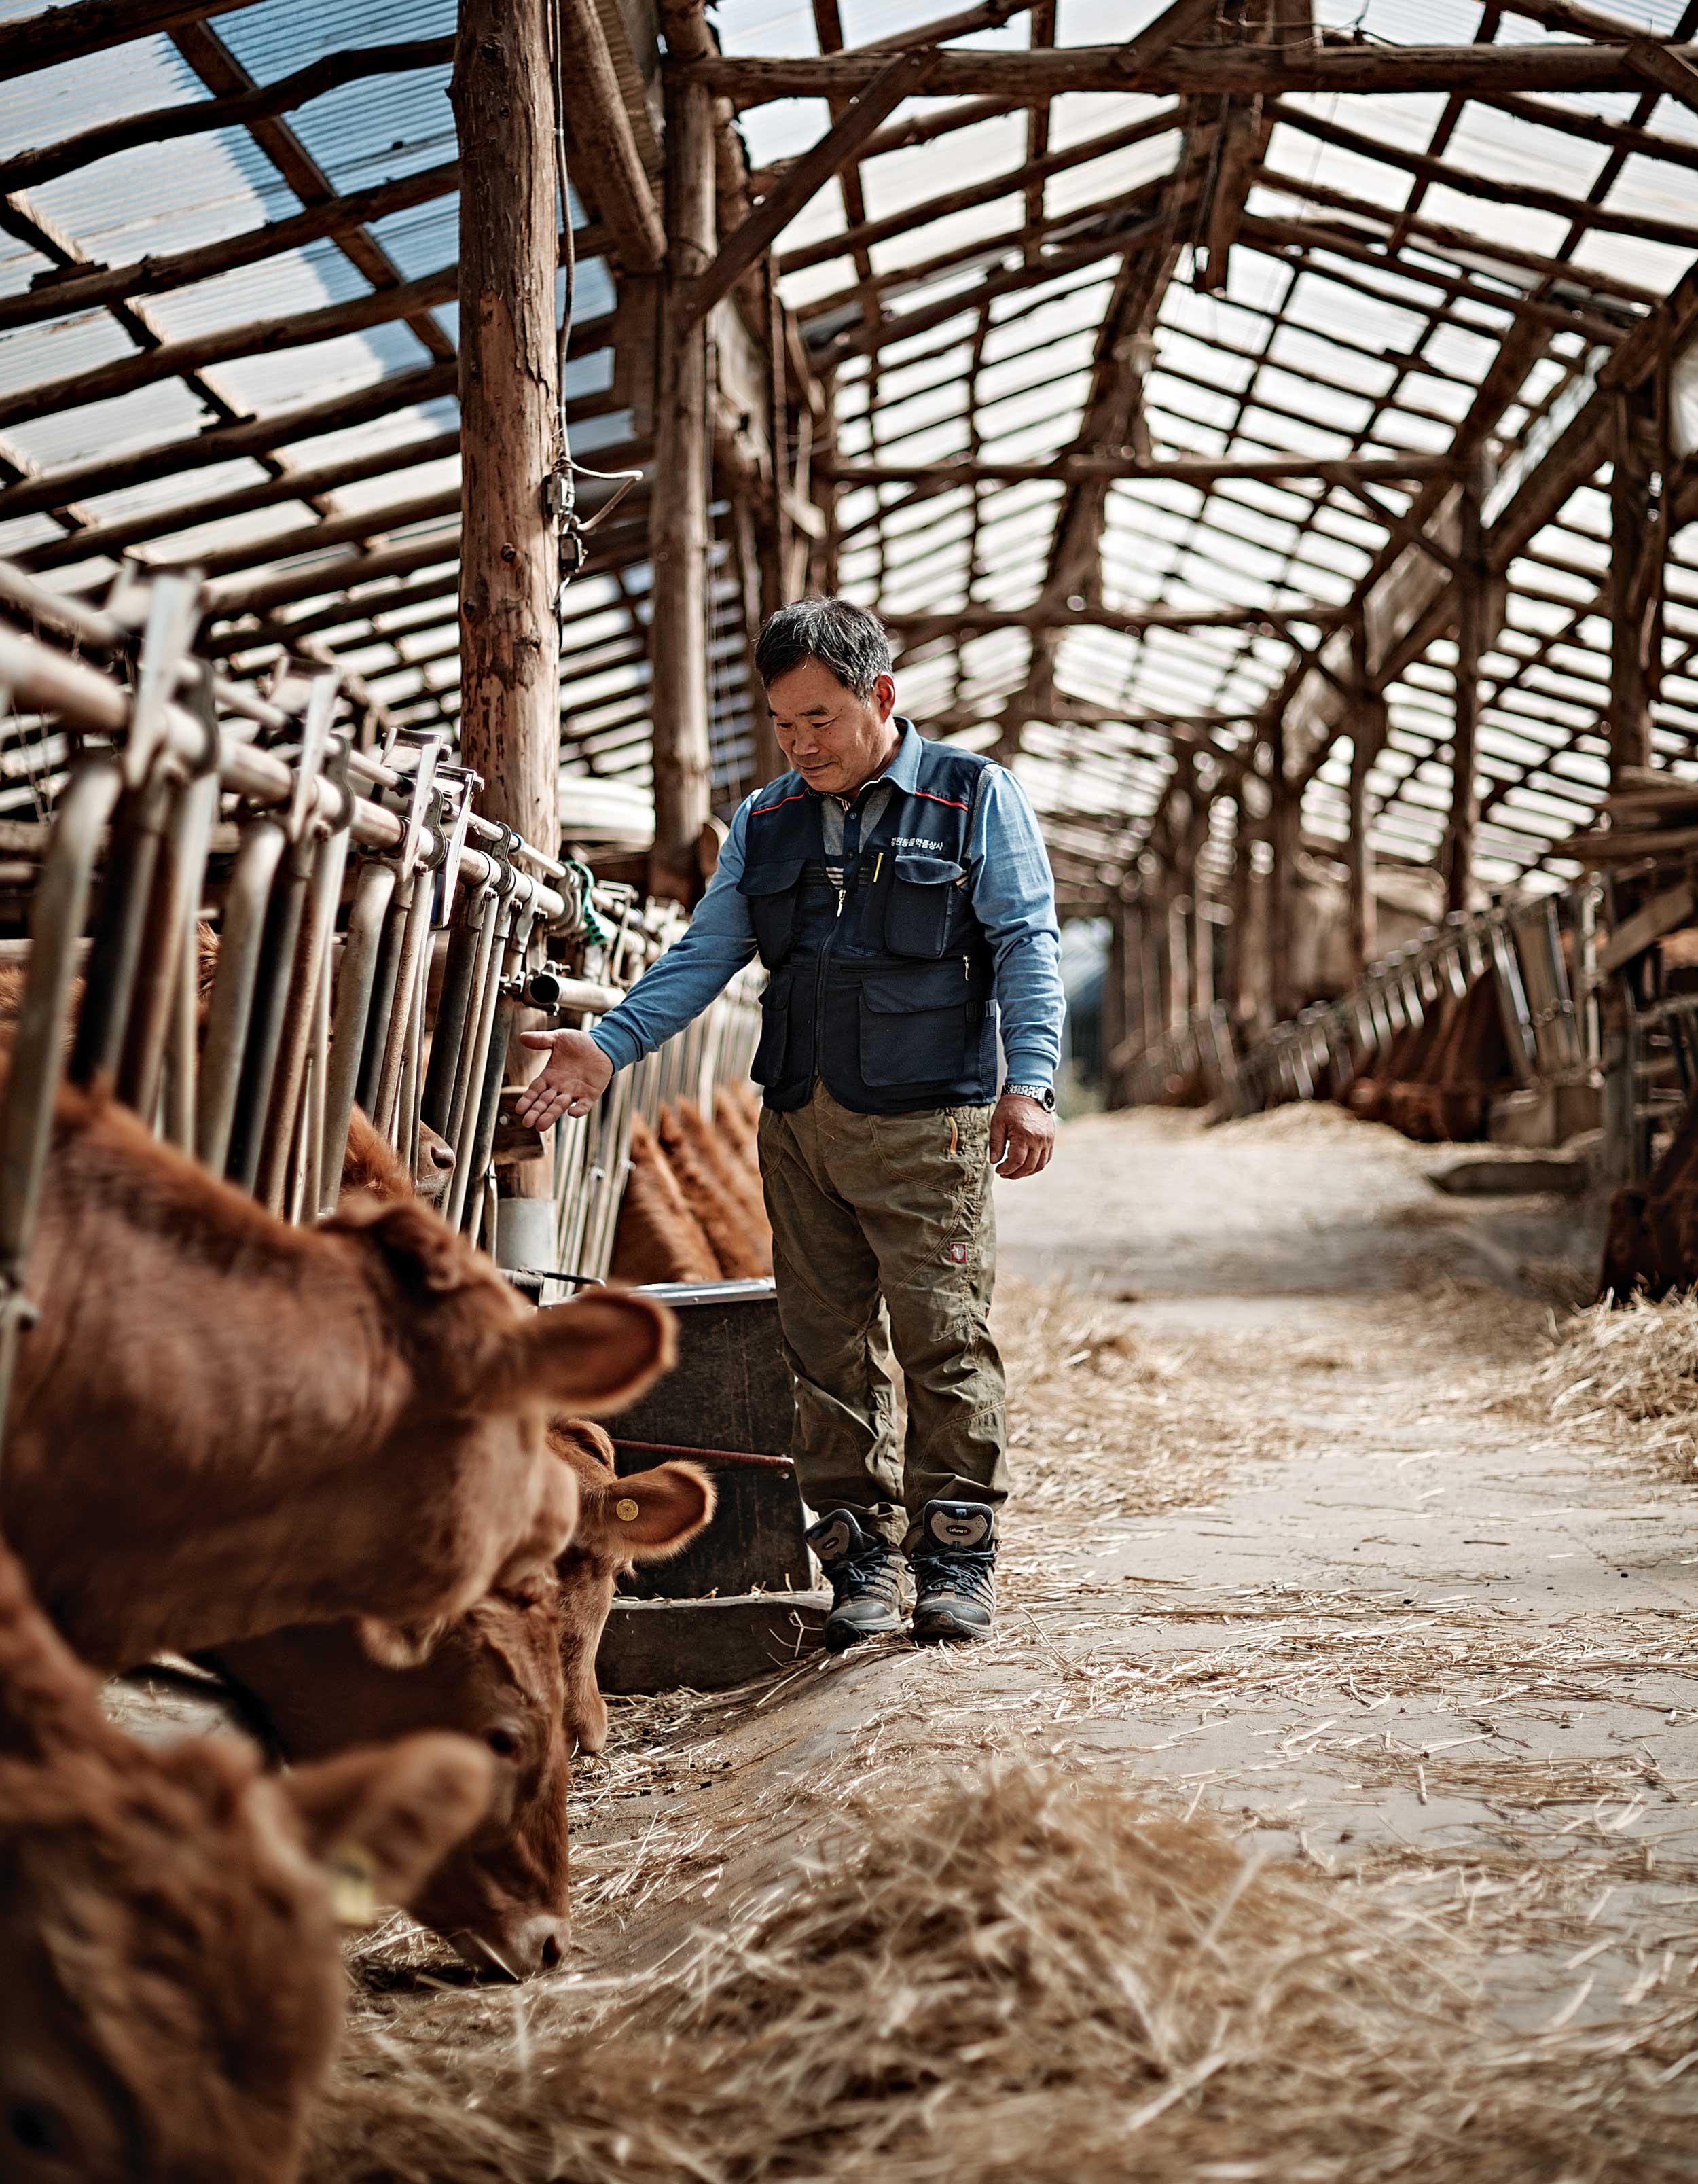 박흥수 축산 농가는 대관령에서 가장 큰 규모의 농가로 40년 동안 우직하게 소를 키워냈다.© 심윤석, 박재현, 양성모